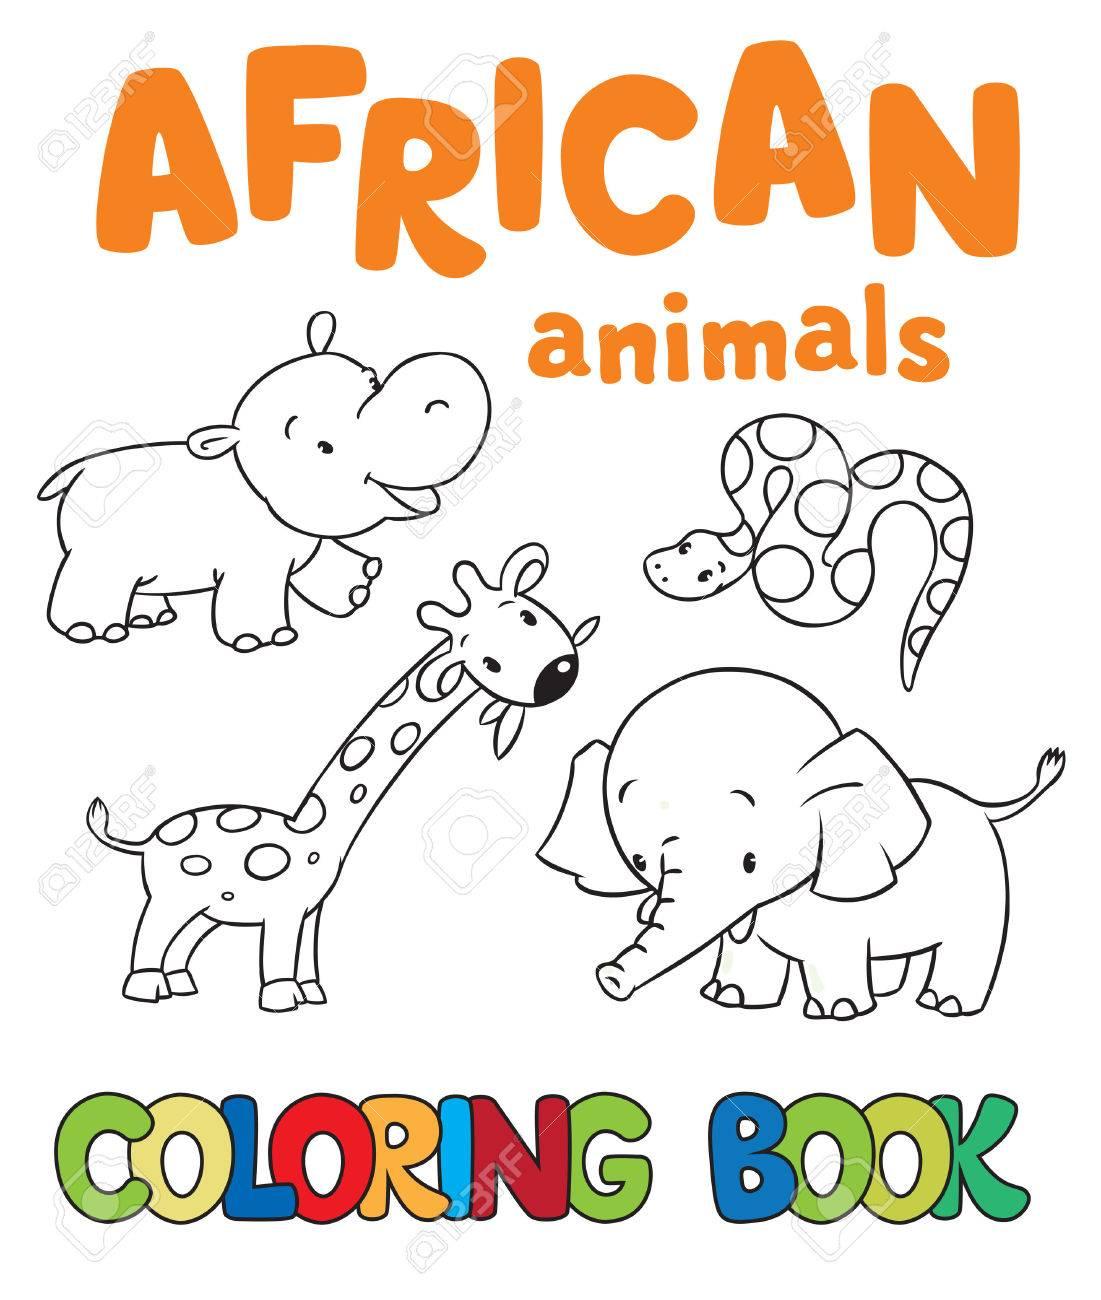 Libro De Colorante O Una Imagen Para Colorear Con Animales Africanos ...